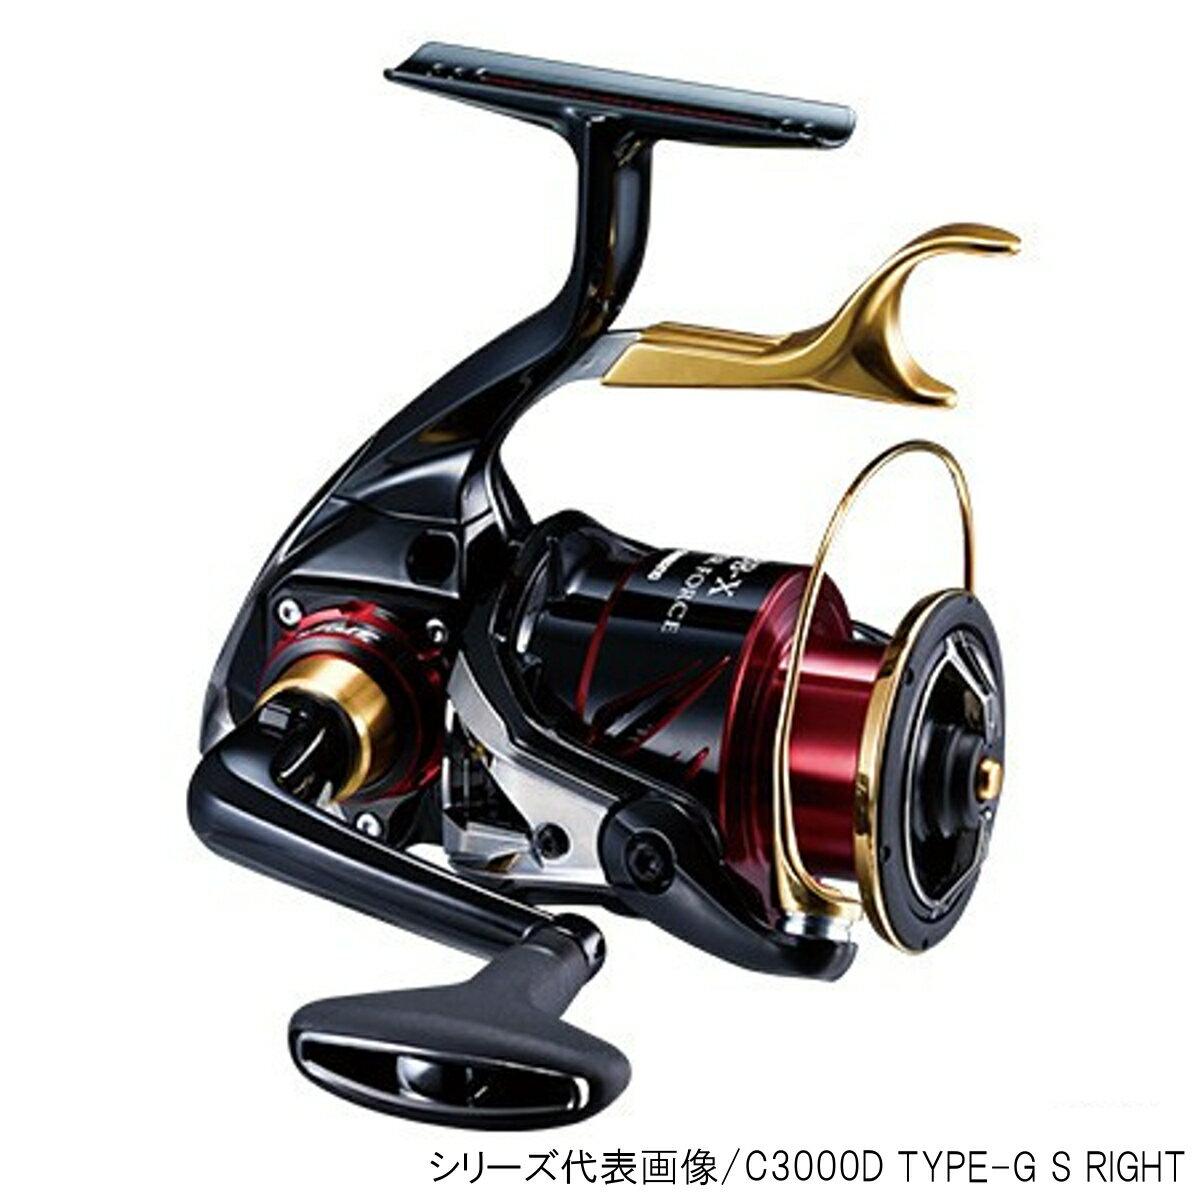 シマノ BB-X ハイパーフォース C3000DXG S RIGHT